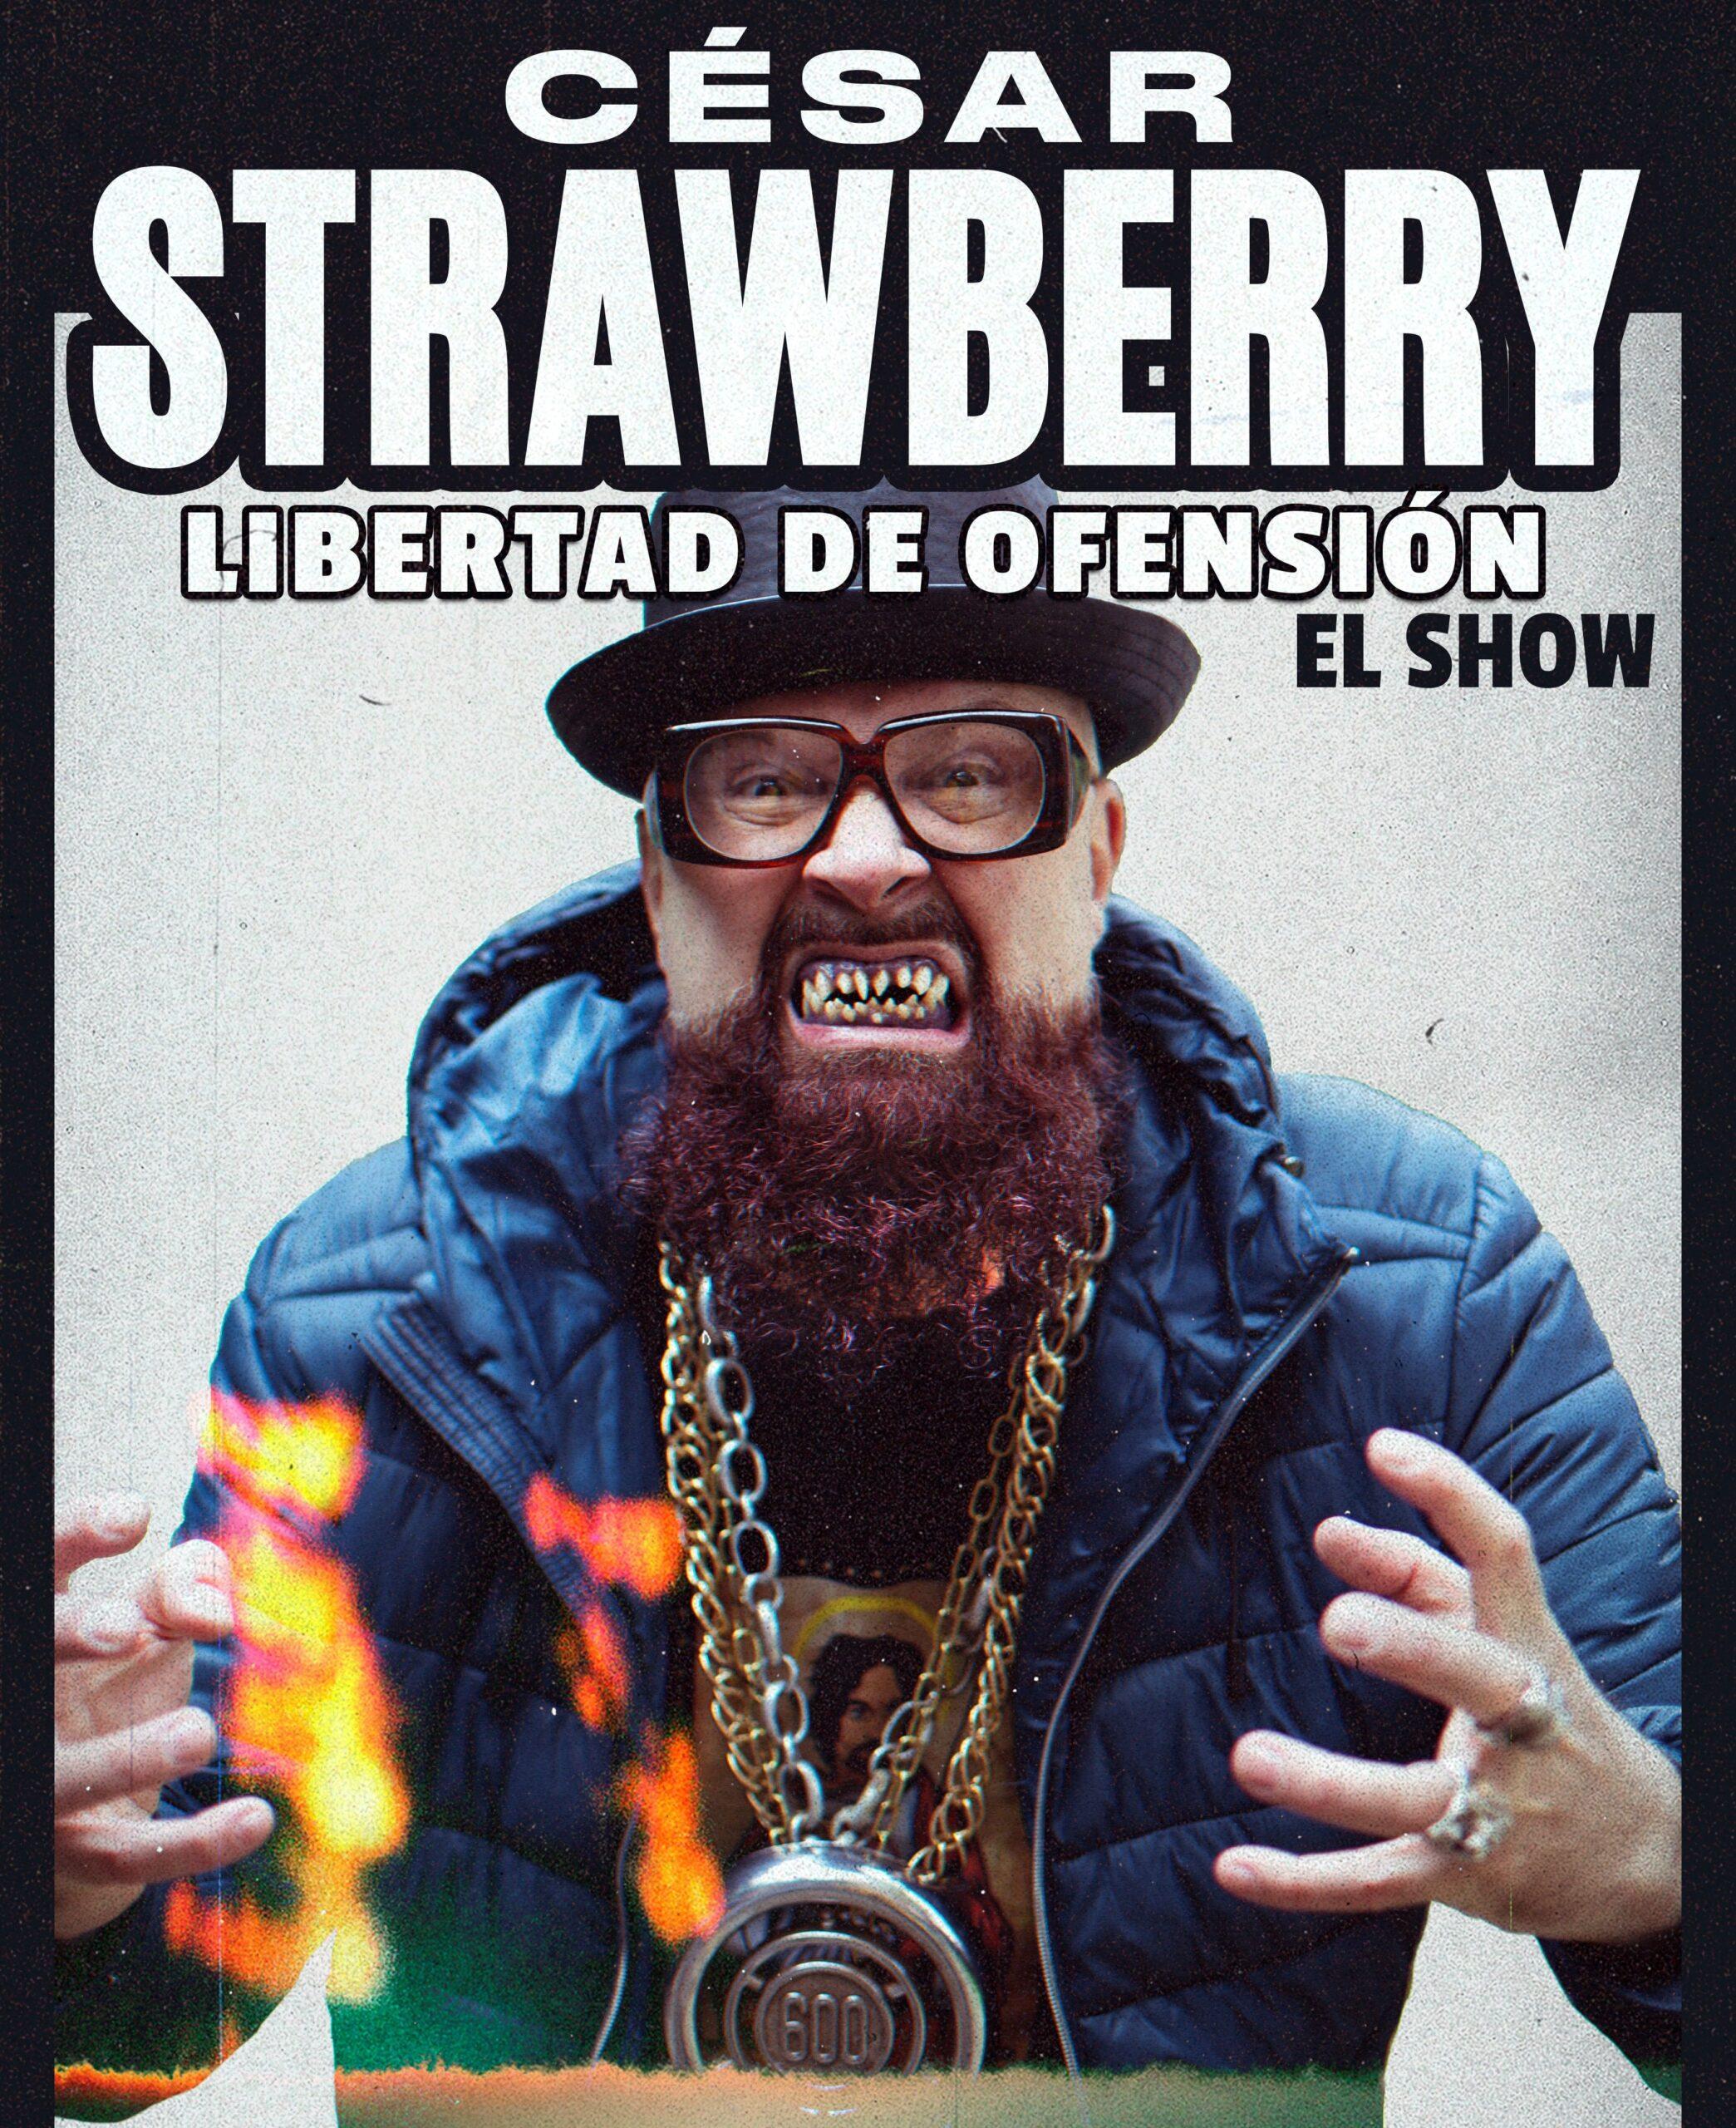 Cesar Strawberry en Sevilla